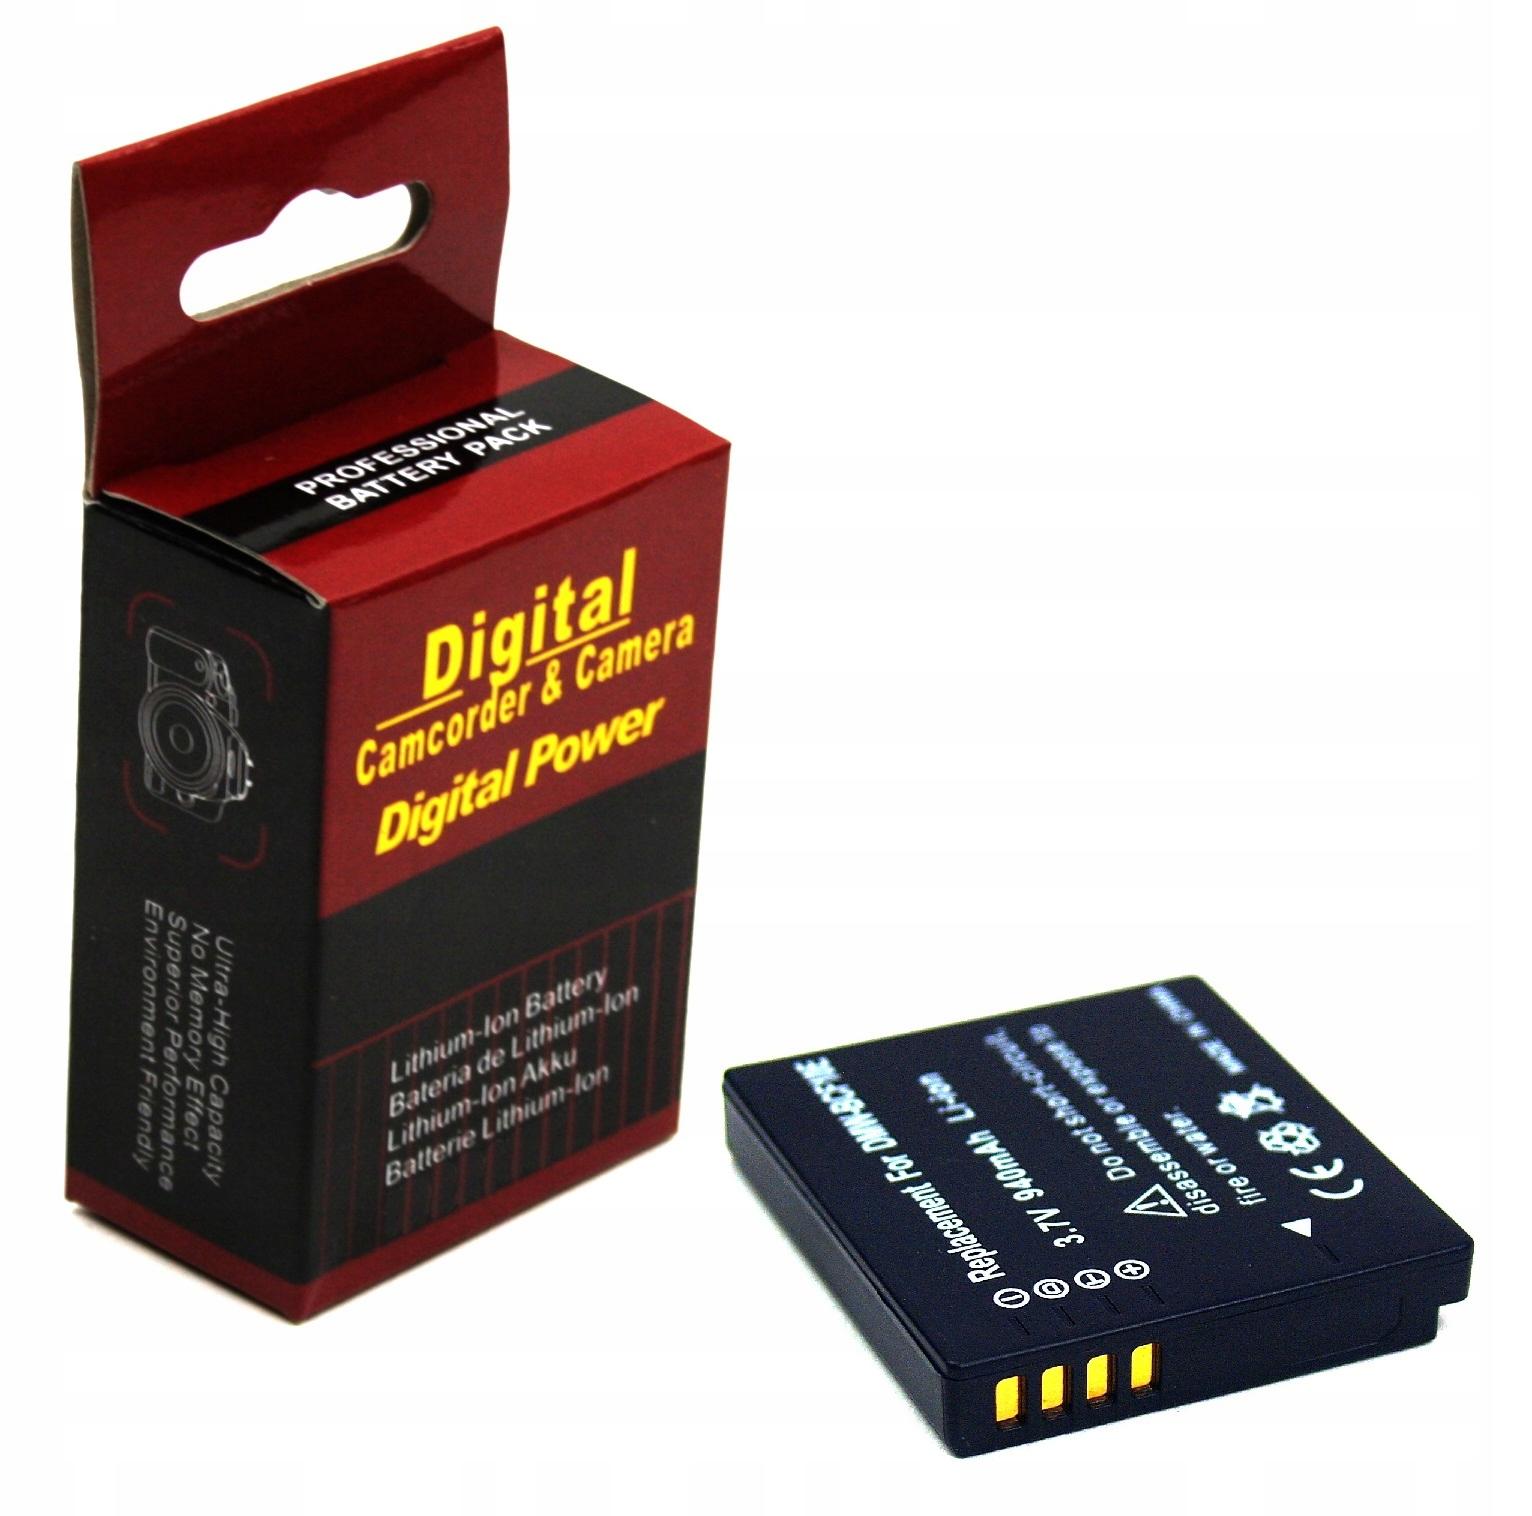 BATERIA AKUMULATOR PANASONIC DMW-BCF10E CGA-S009 S106C FX60 - Baterie do aparatów cyfrowych